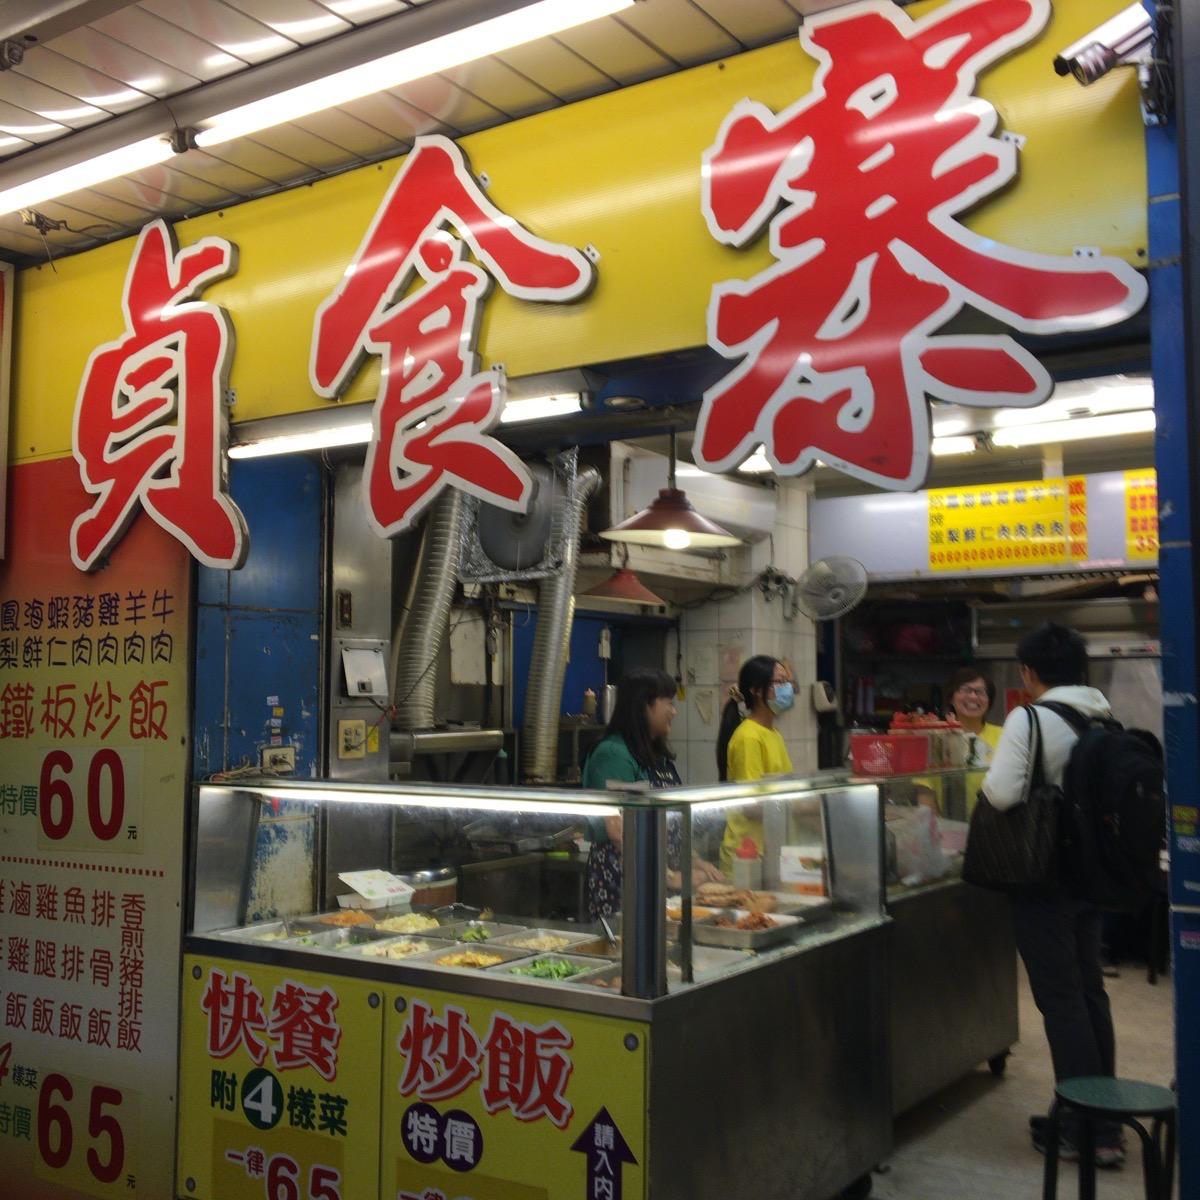 本当は教えたくないけど(笑) 美味しくてボリューム満点の炒飯店「貞食寨(チン シ チャイ)炒飯店」日本語の話せる可愛い看板娘もいるよ